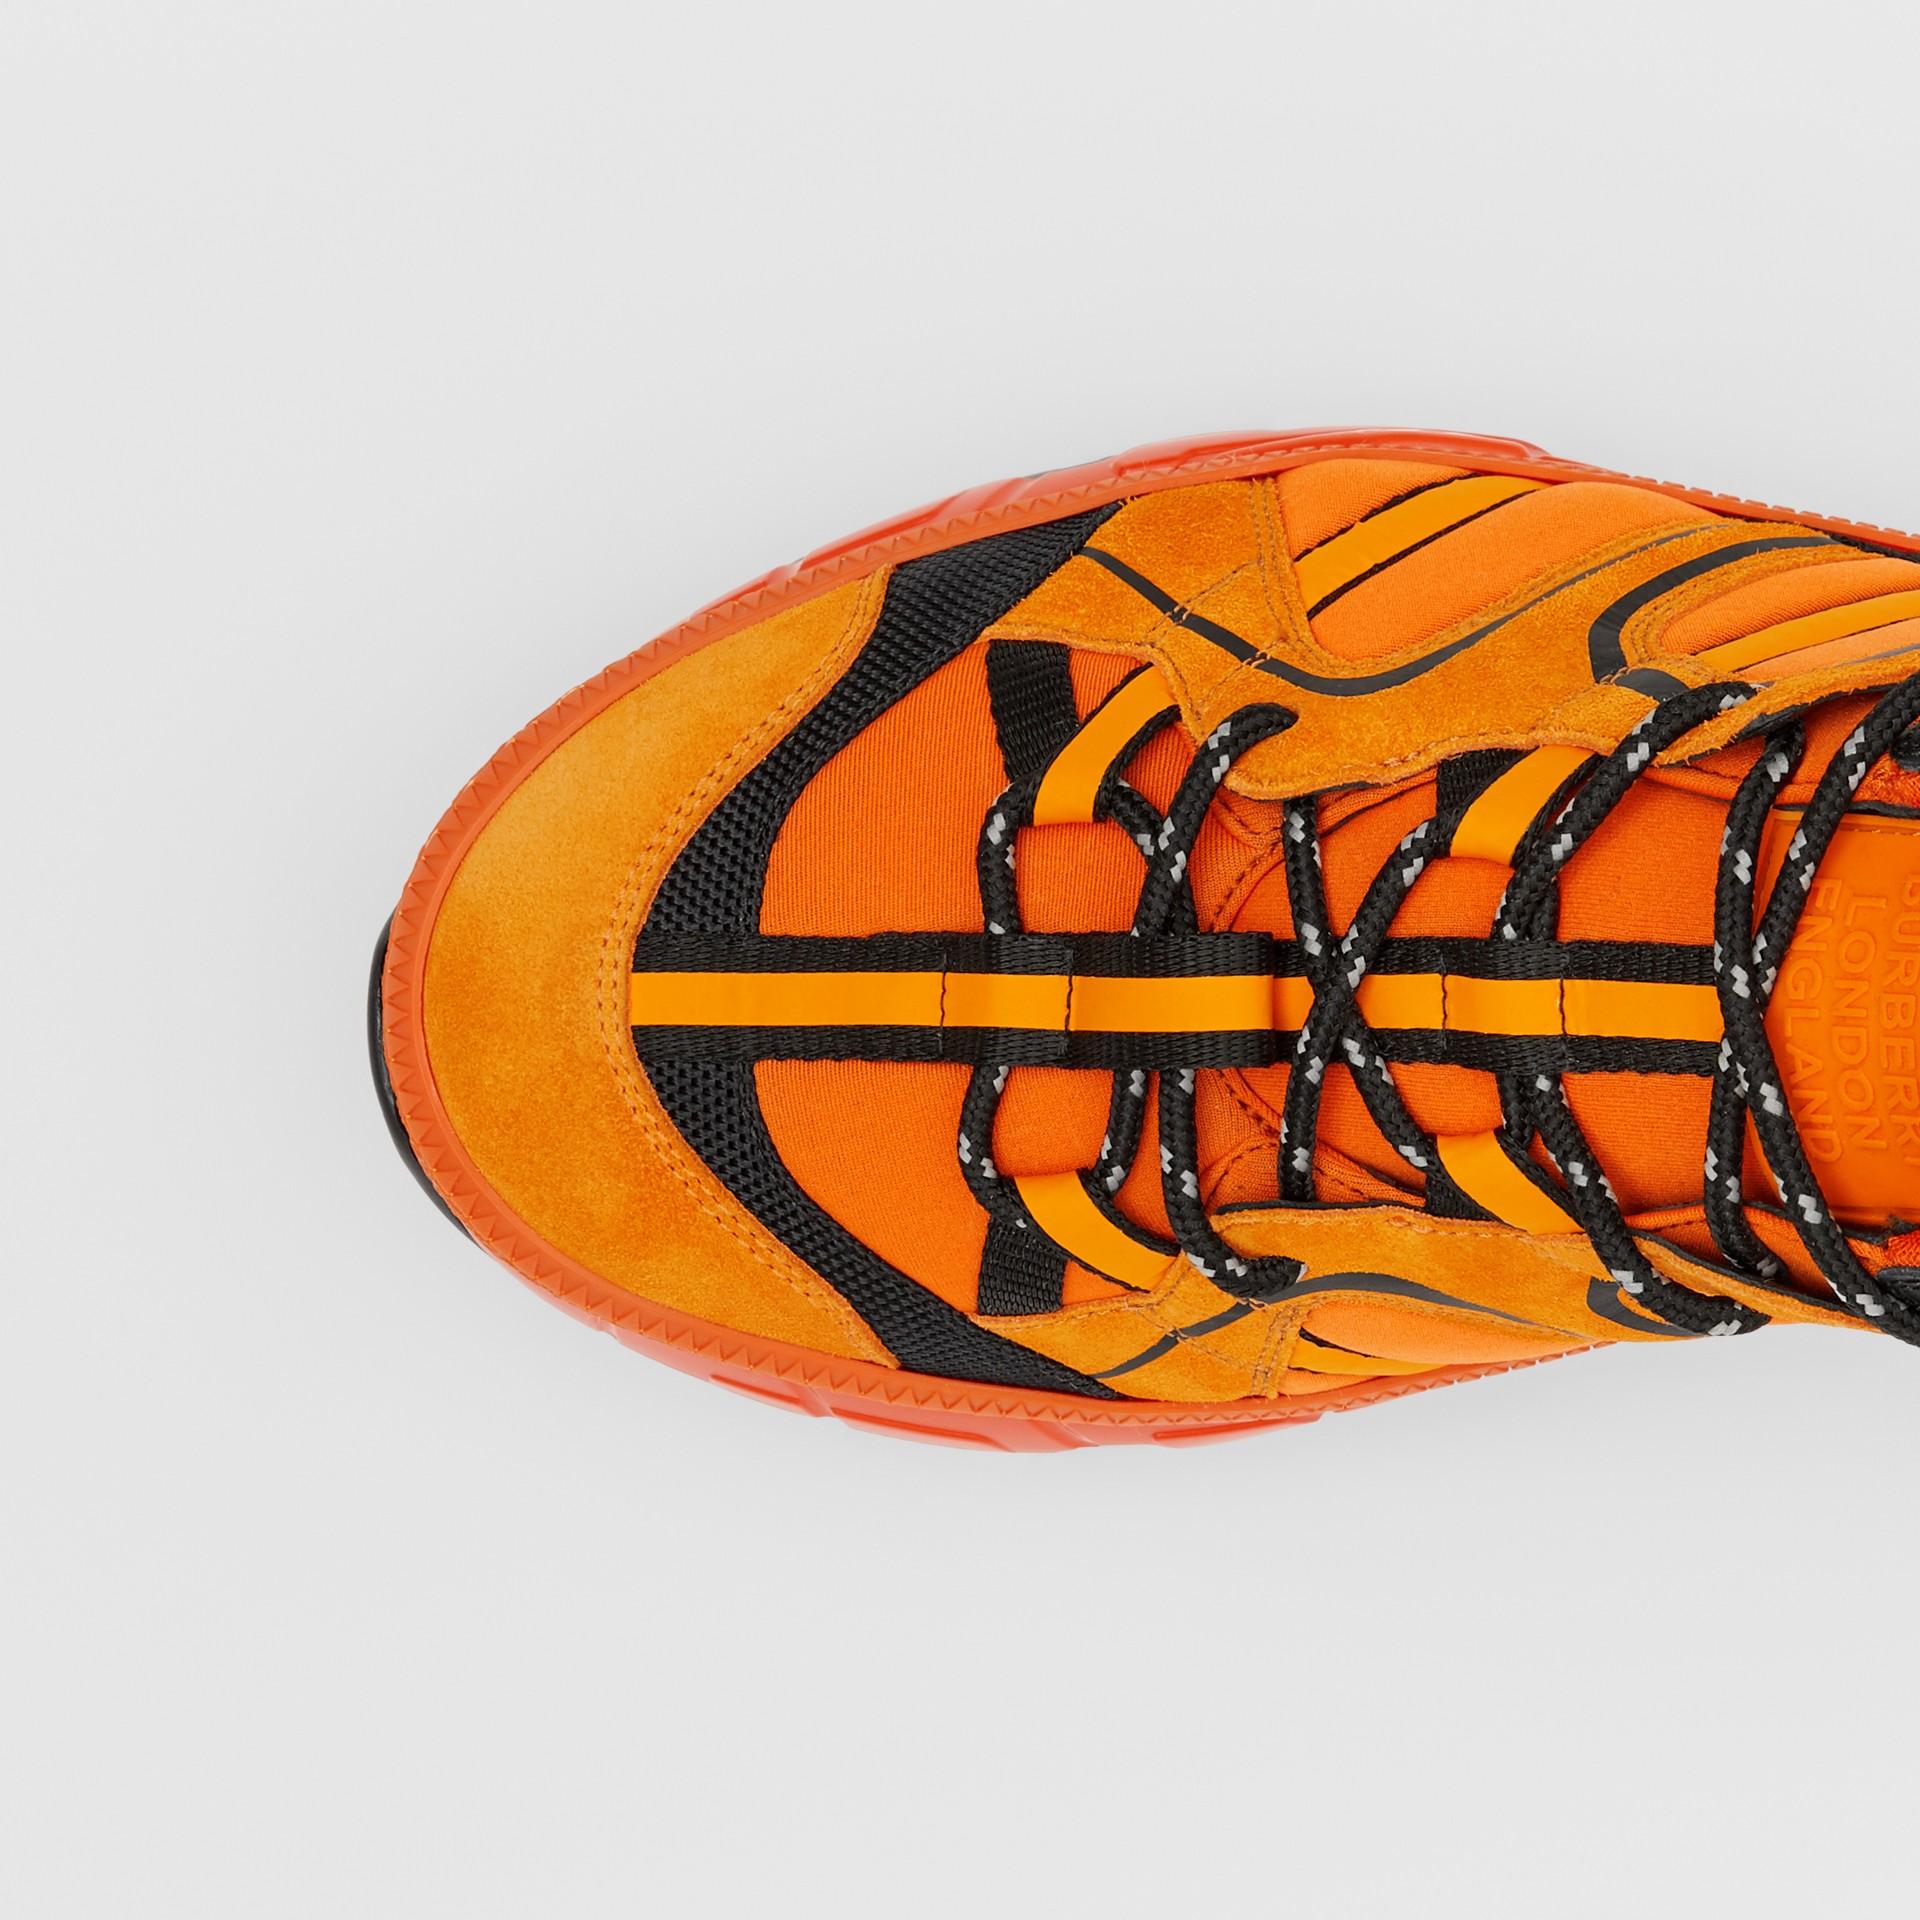 ナイロン・スエード&レザー ユニオン スニーカー (ブライトオレンジ) - メンズ   バーバリー - ギャラリーイメージ 1